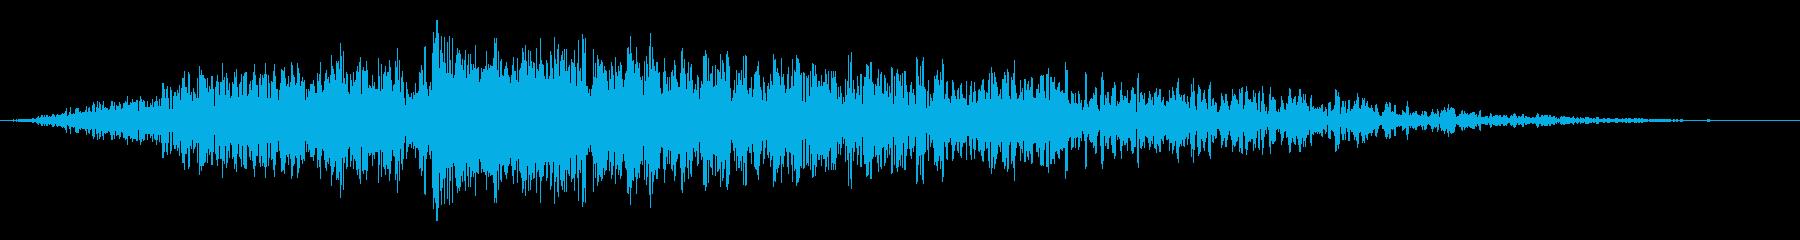 ビッグフェーズドインパクトスイープ...の再生済みの波形